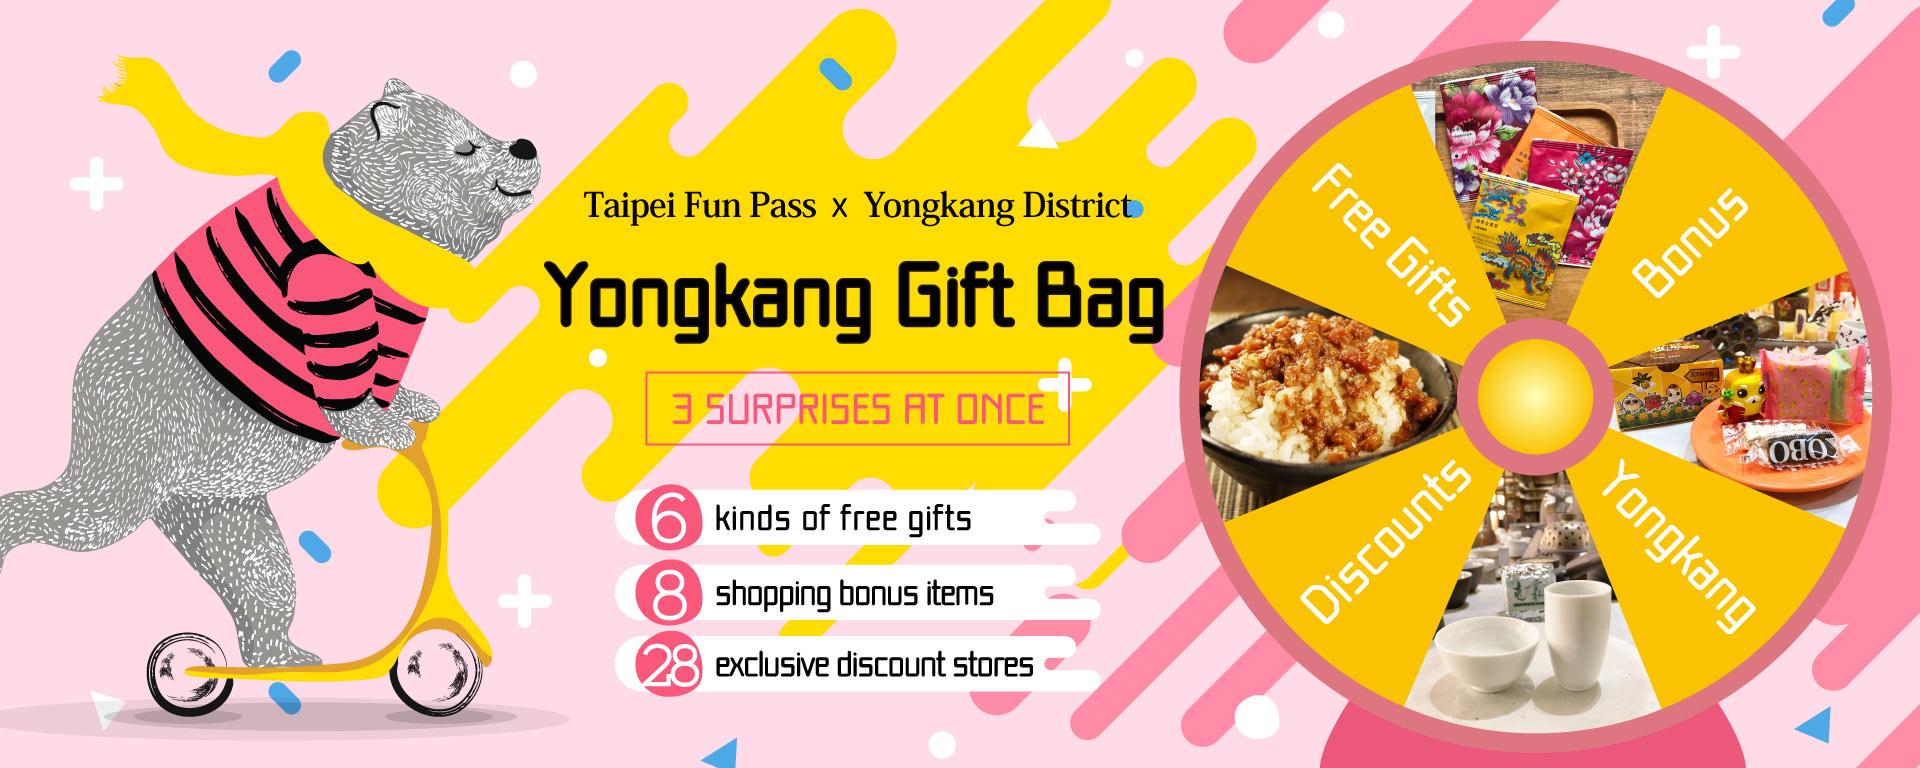 Yongkang Gift Bag